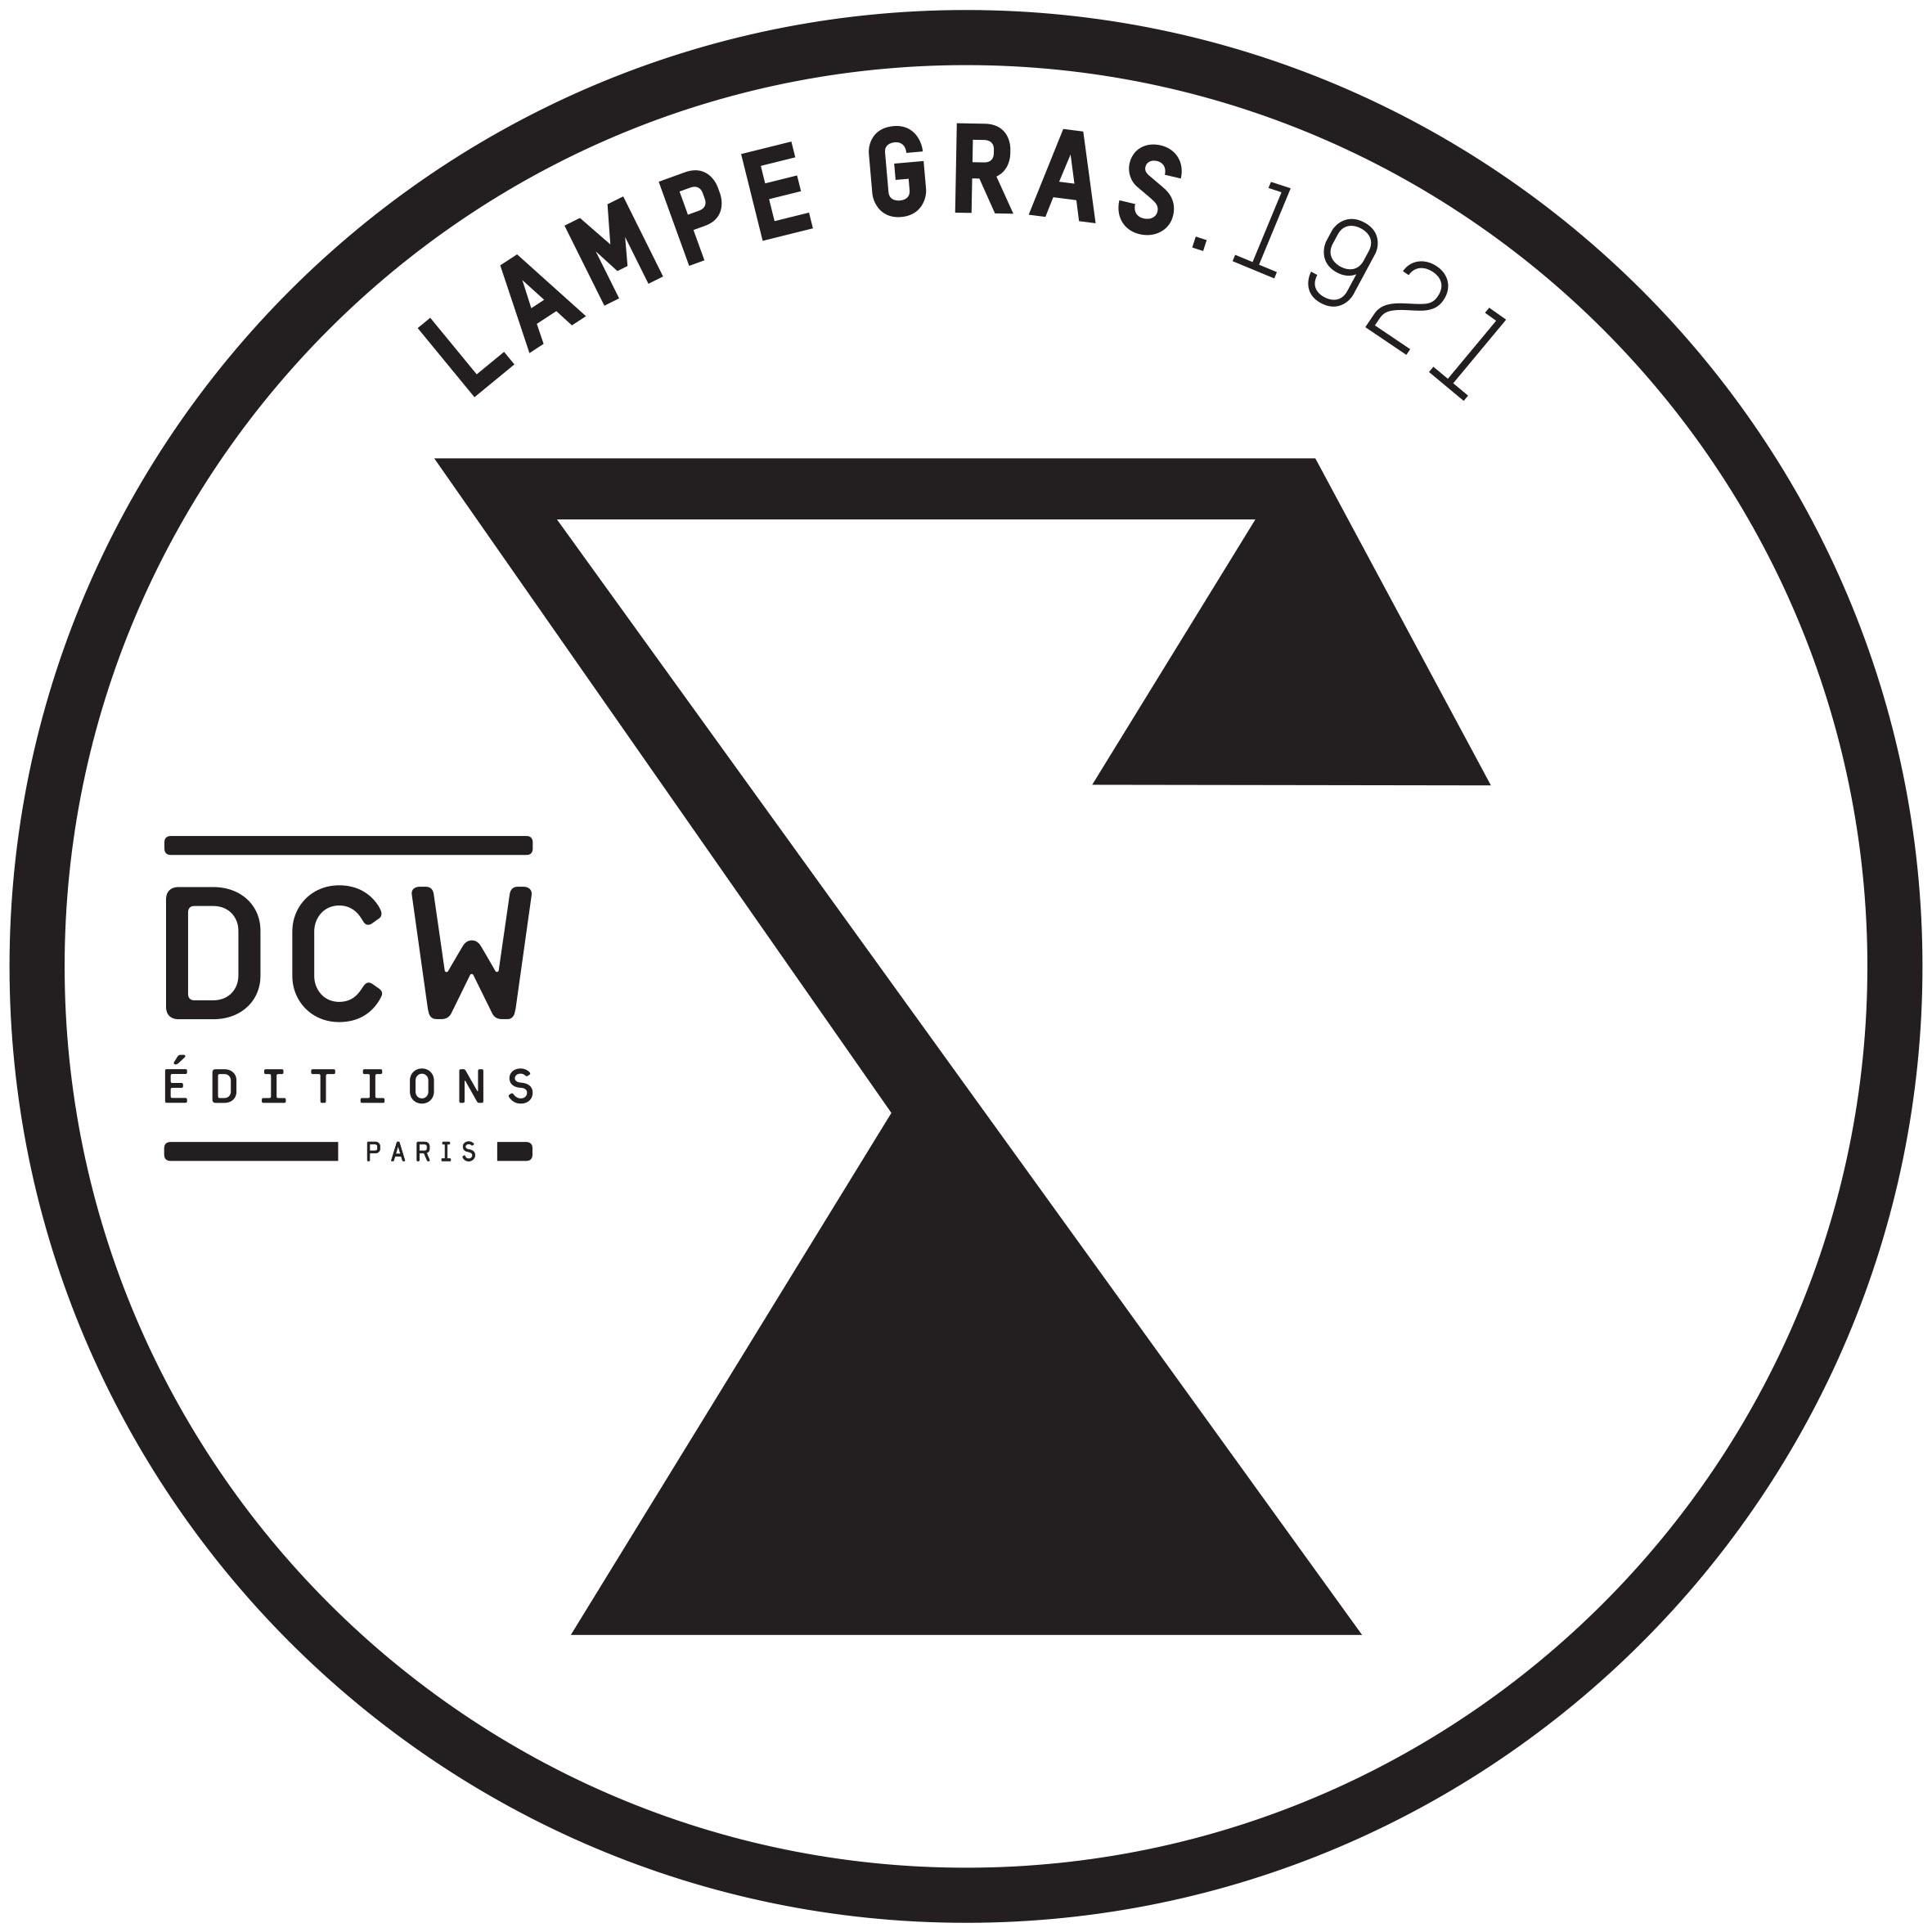 Lampe Gras par DCW éditions